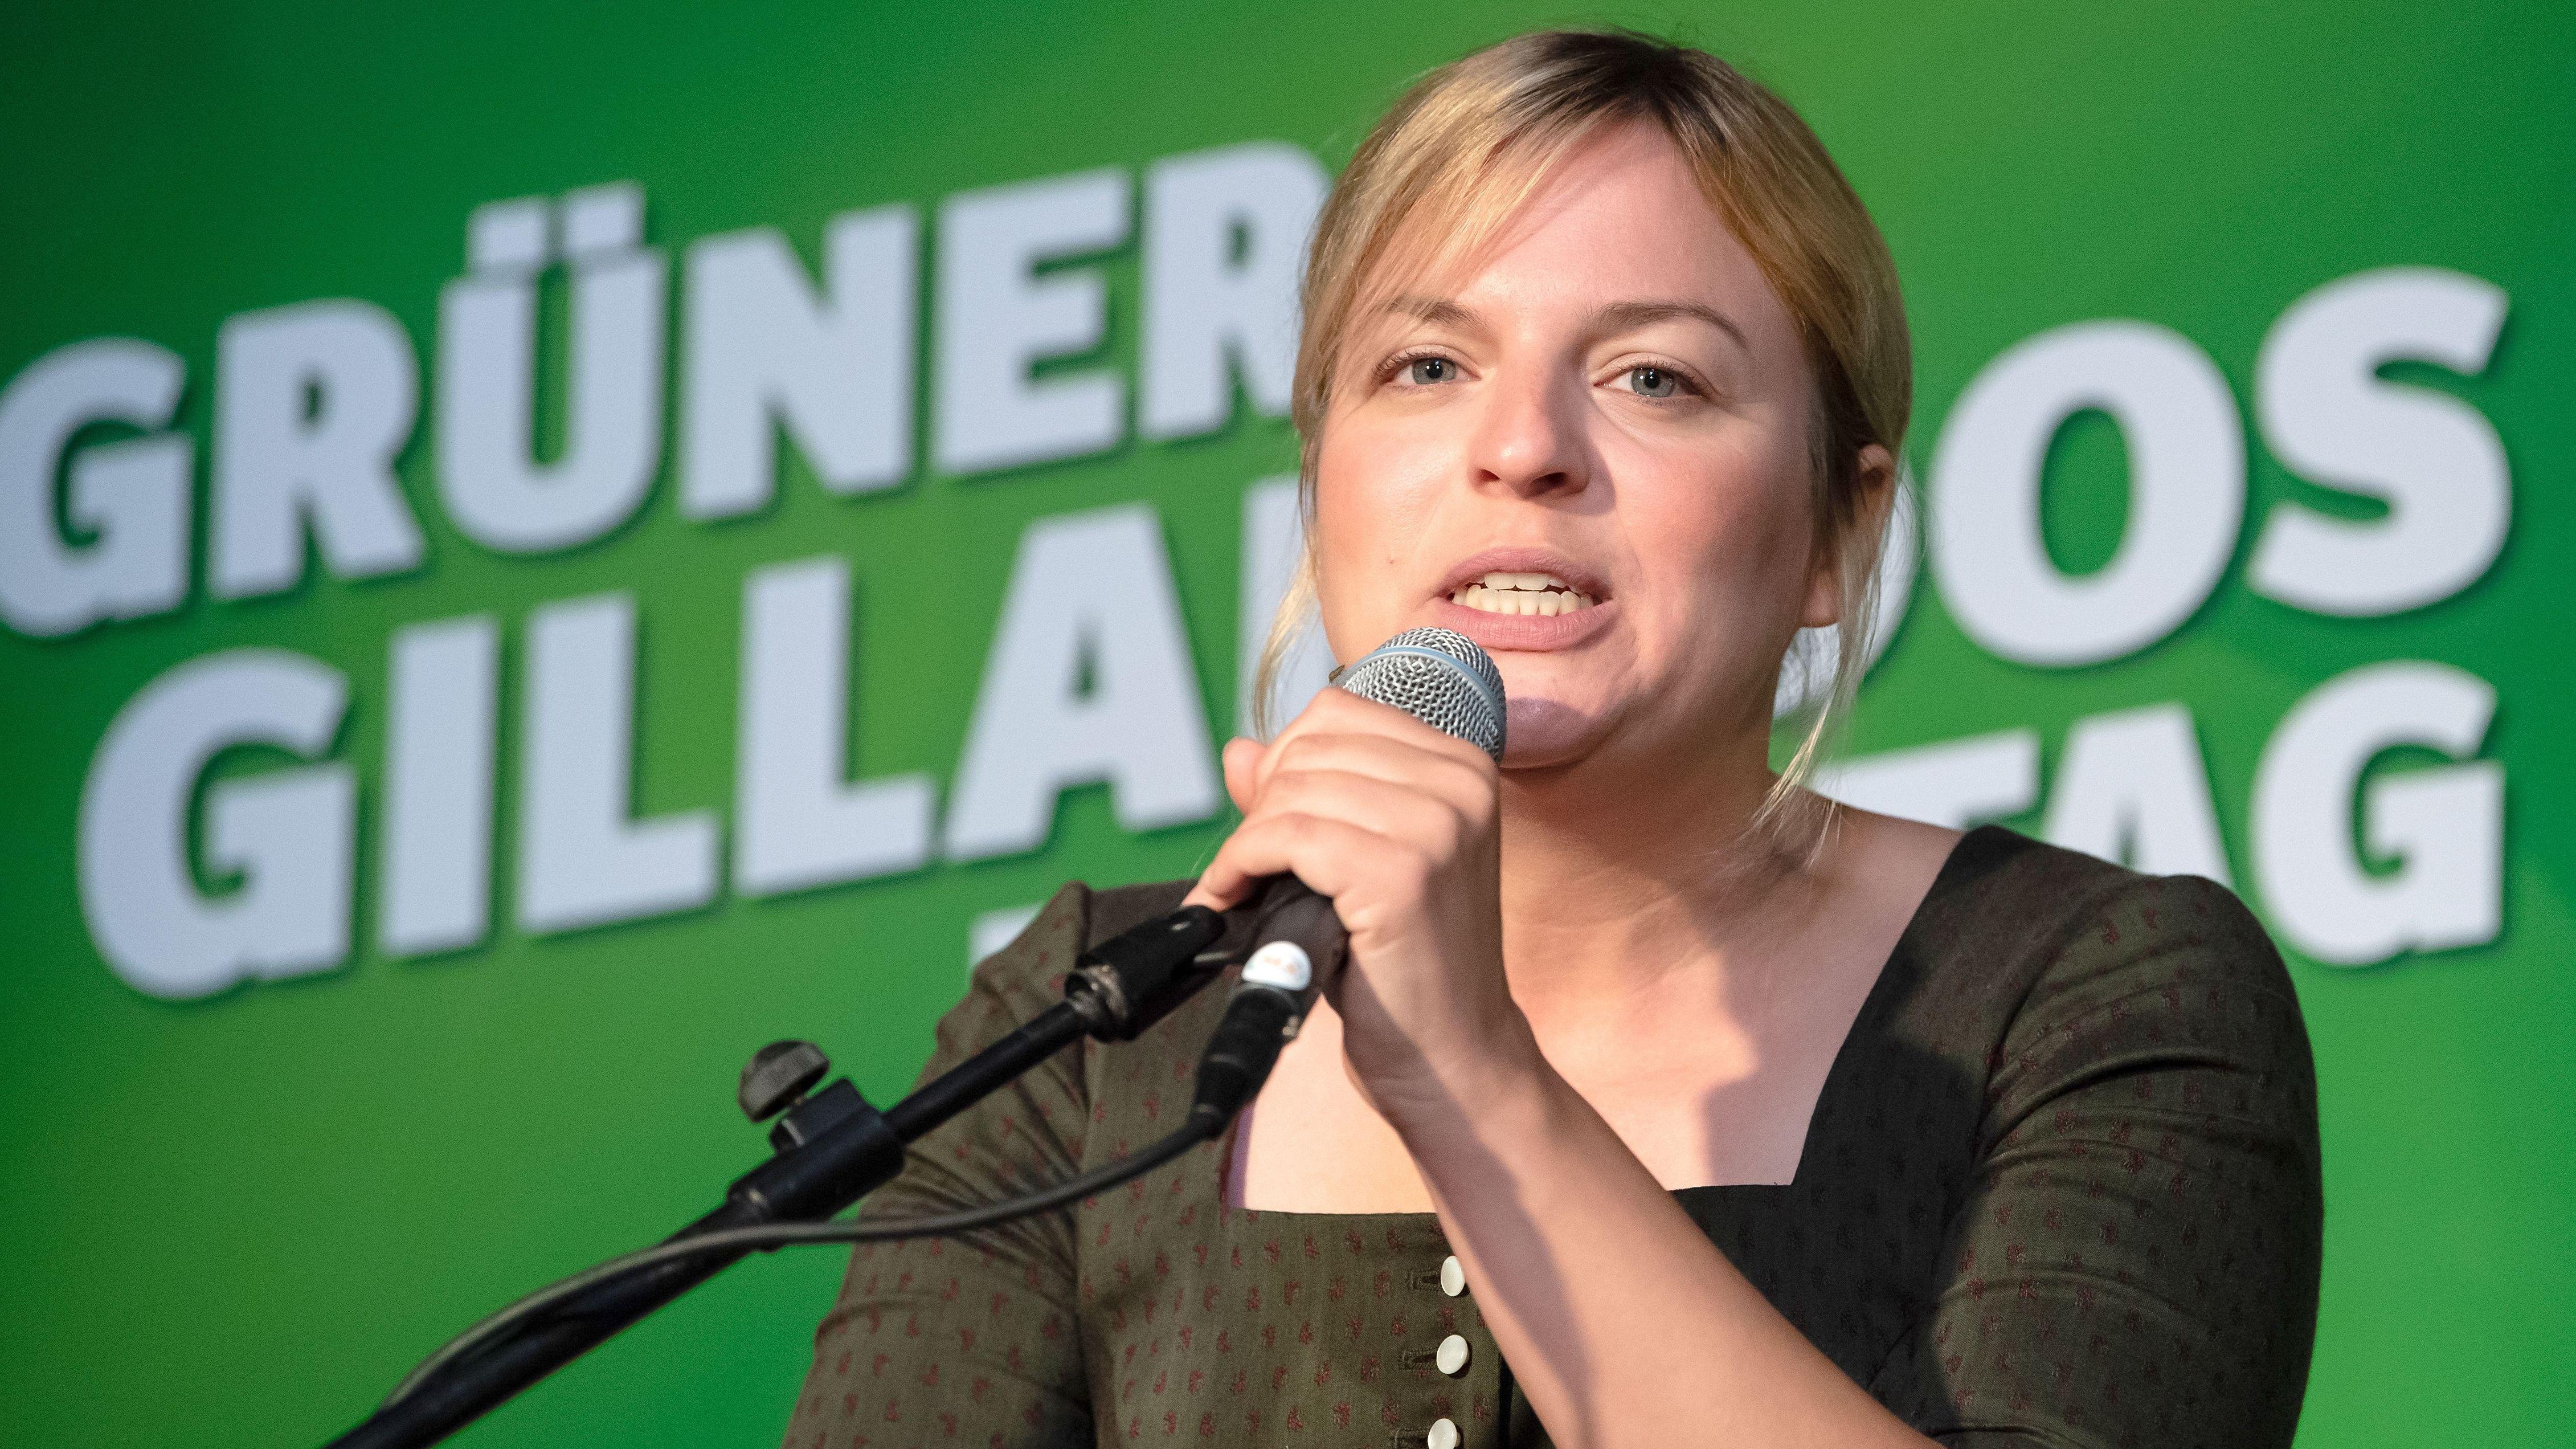 Katharina Schulze, Fraktionsvorsitzende von Bündnis 90/Die Grünen im bayerischen Landtag